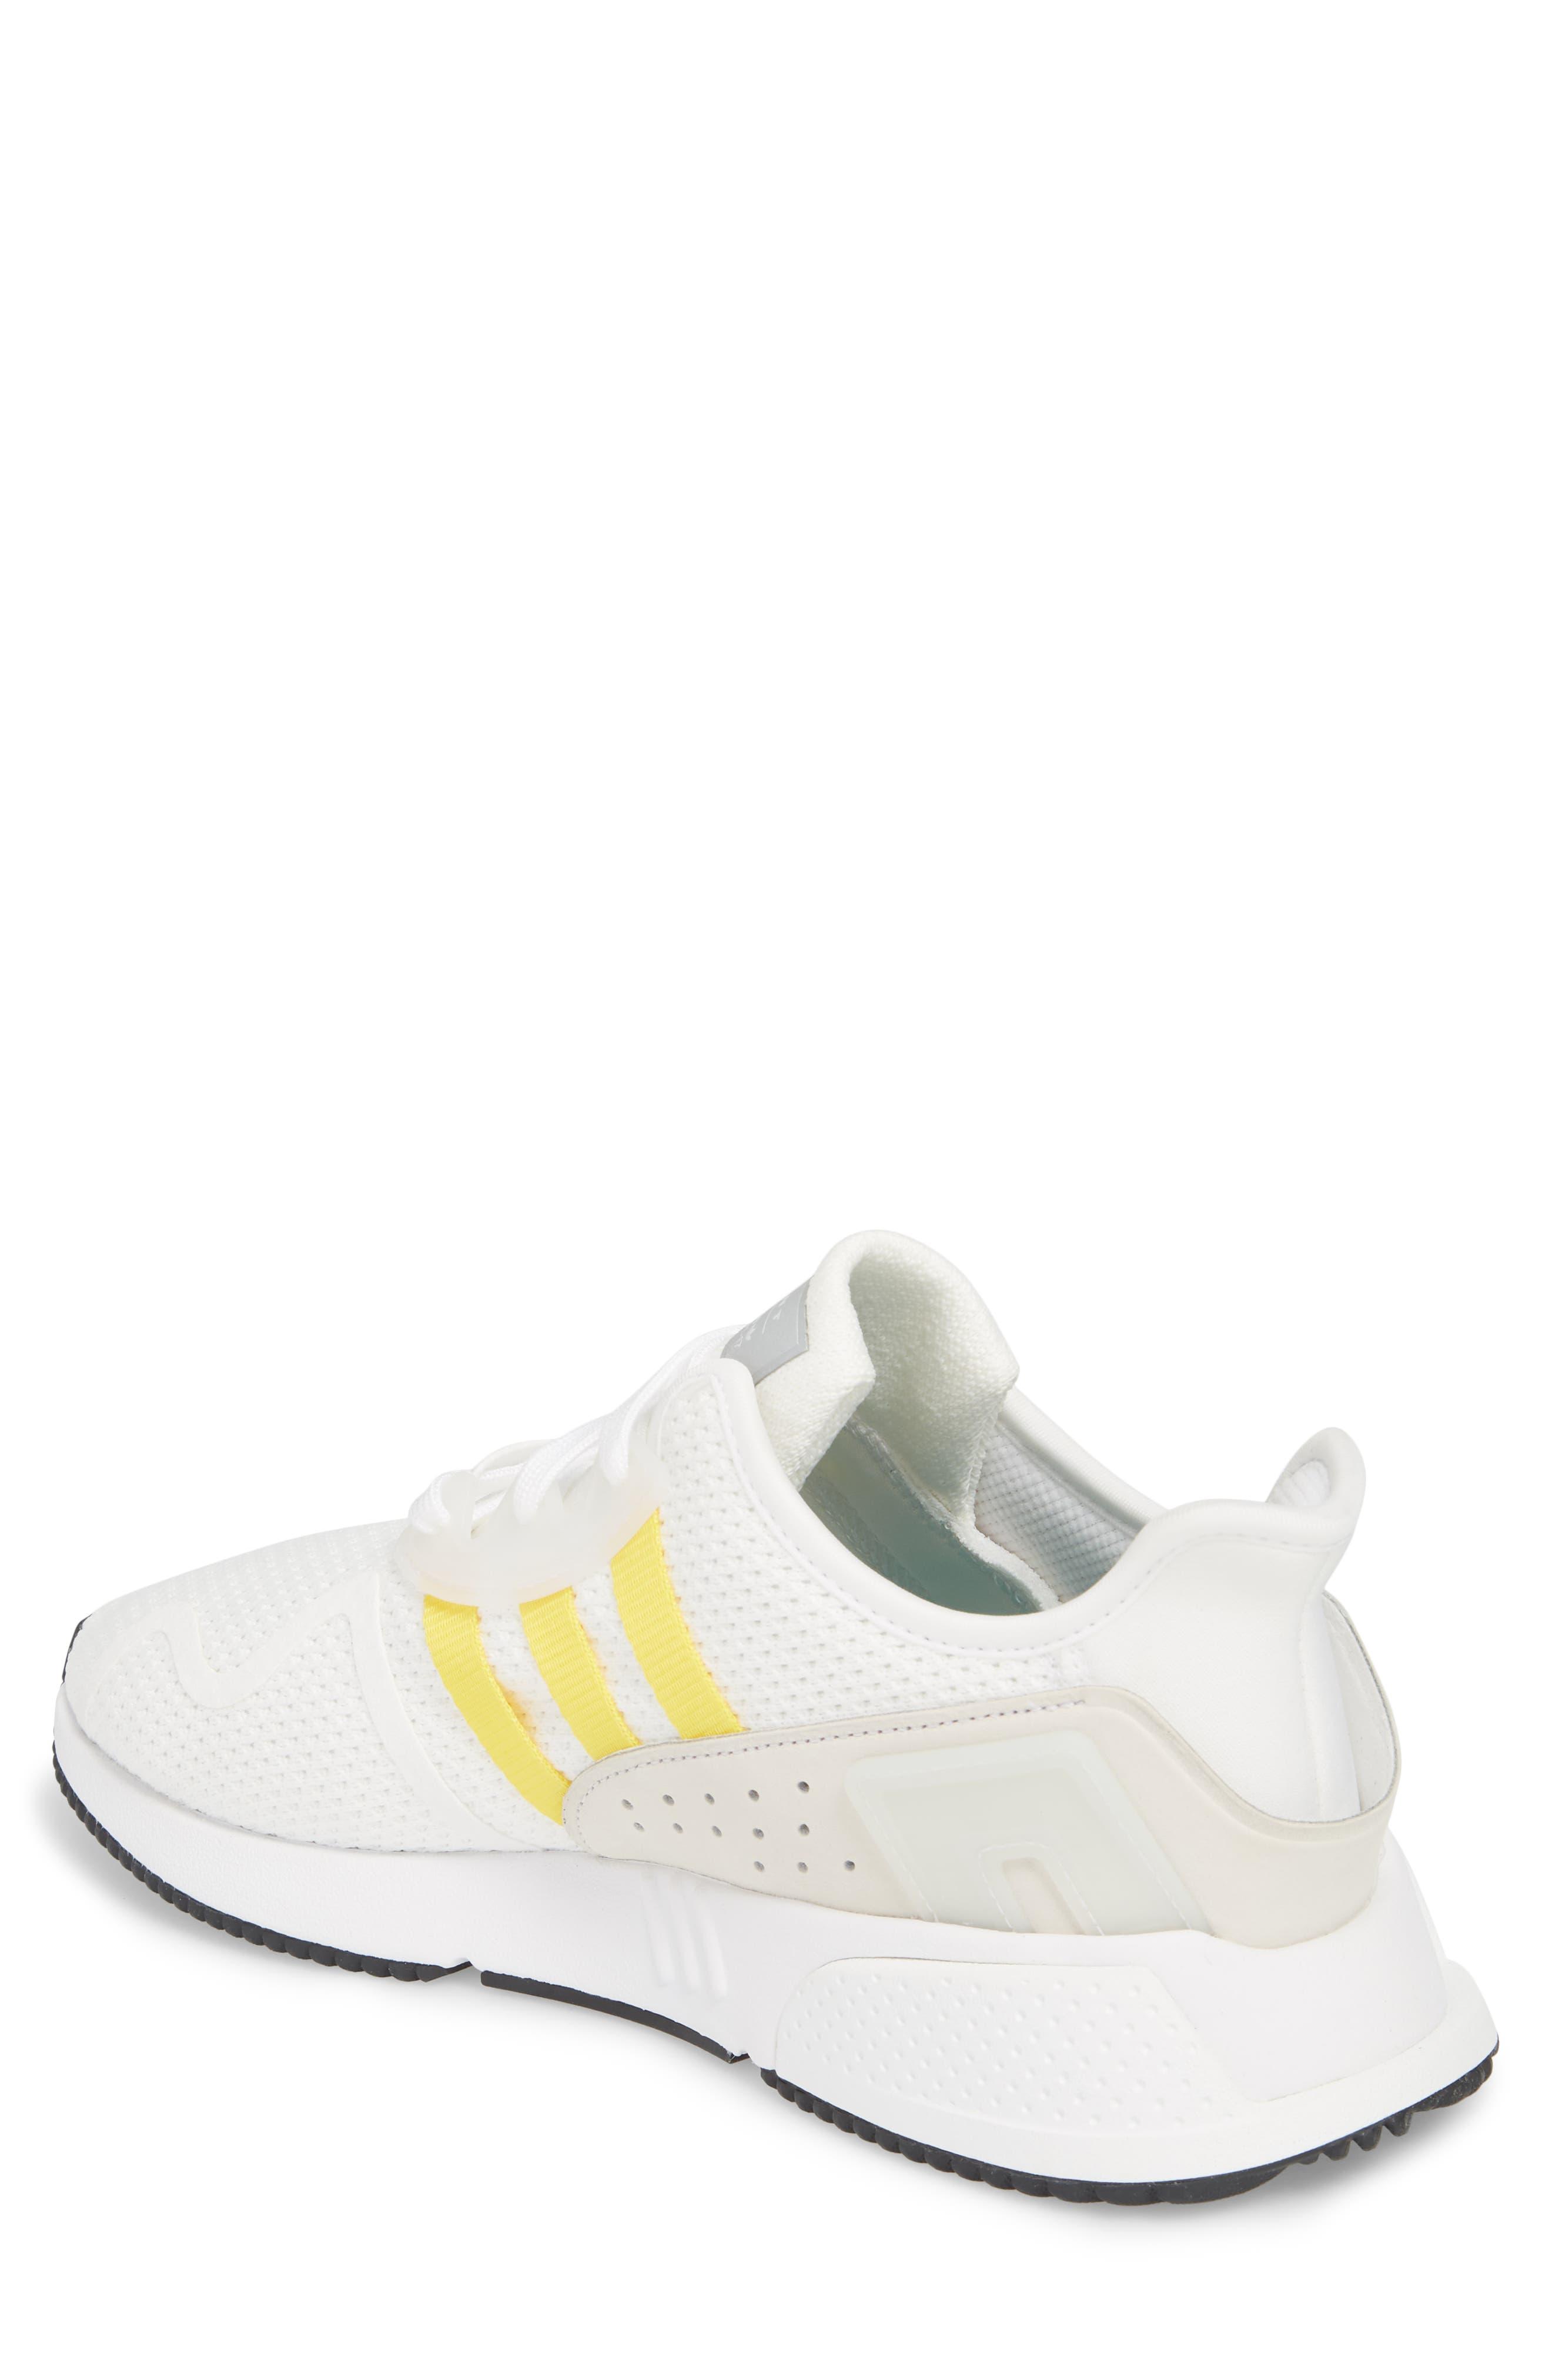 EQT Cushion ADV Sneaker,                             Alternate thumbnail 2, color,                             100